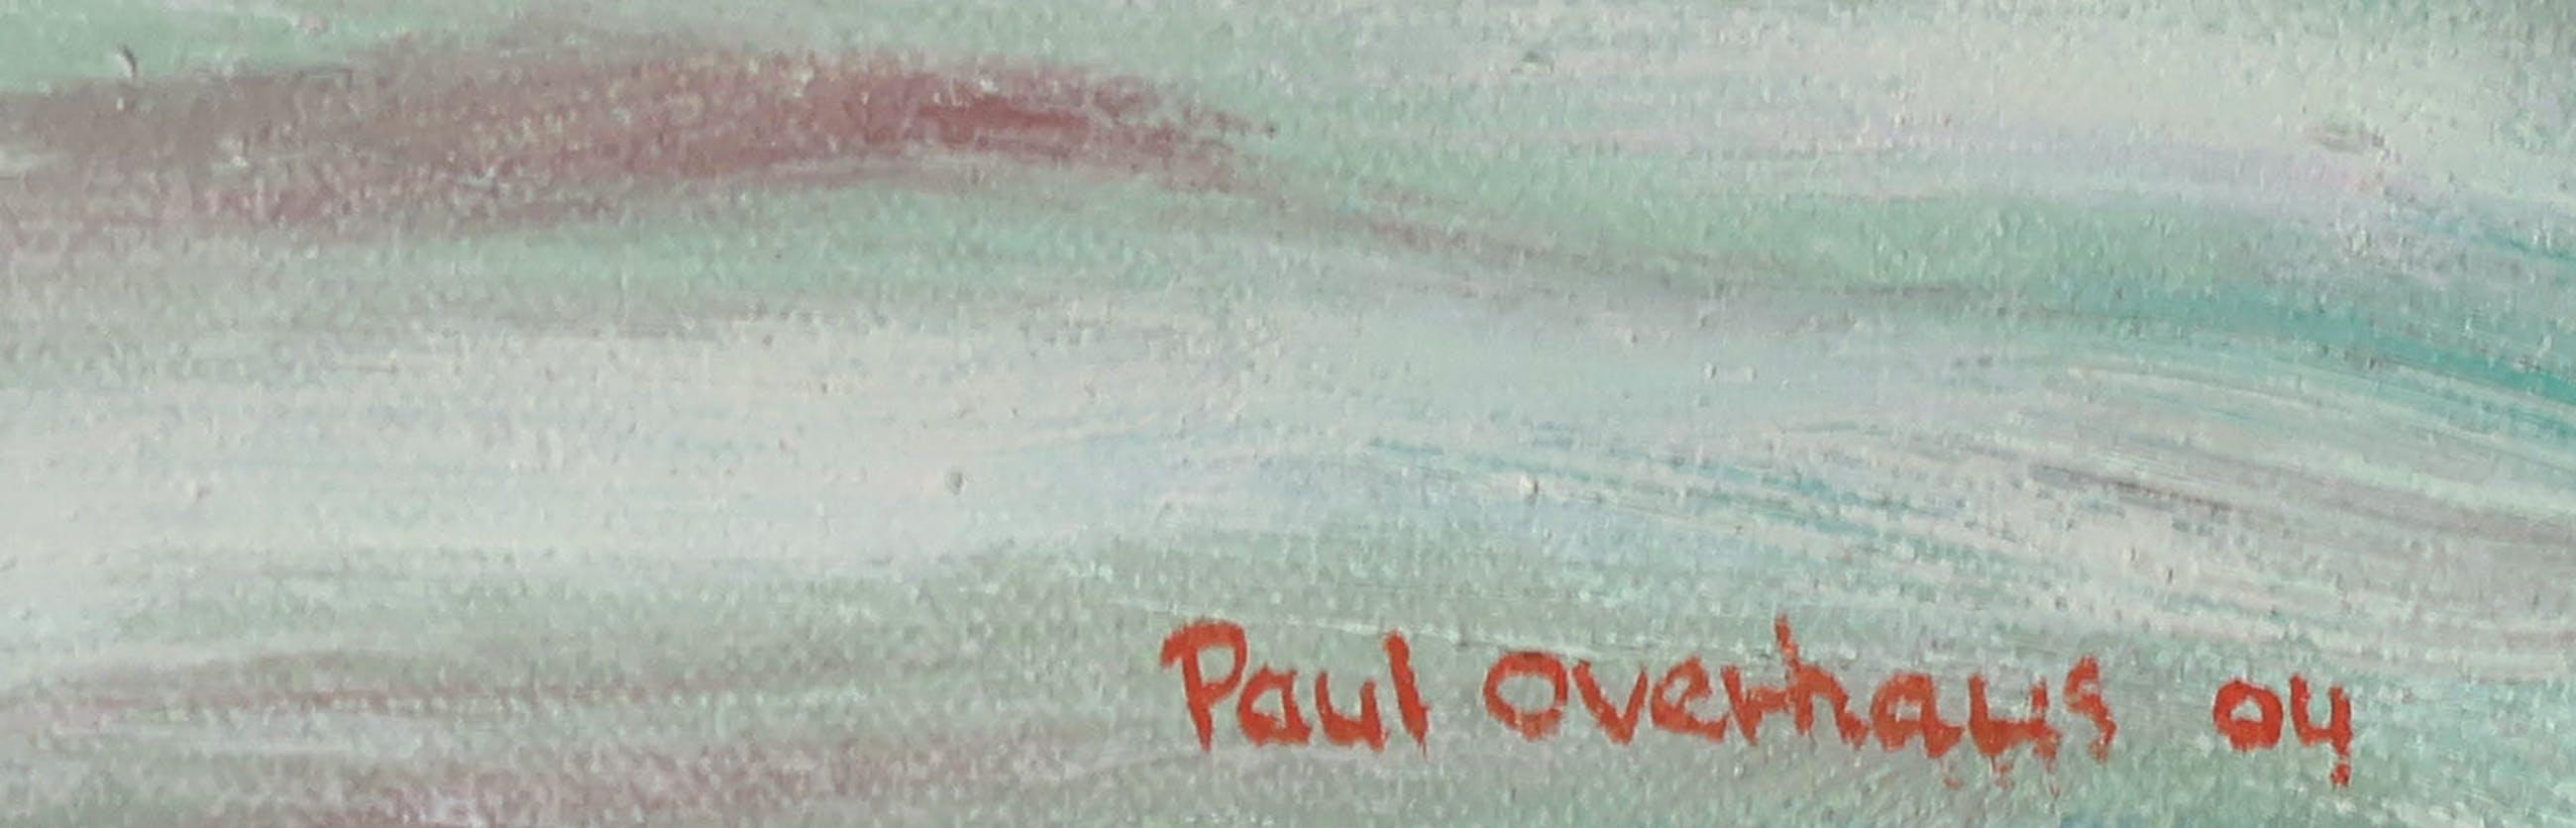 Paul Overhaus - Olieverf op doek, Polderweg - Ingelijst kopen? Bied vanaf 50!